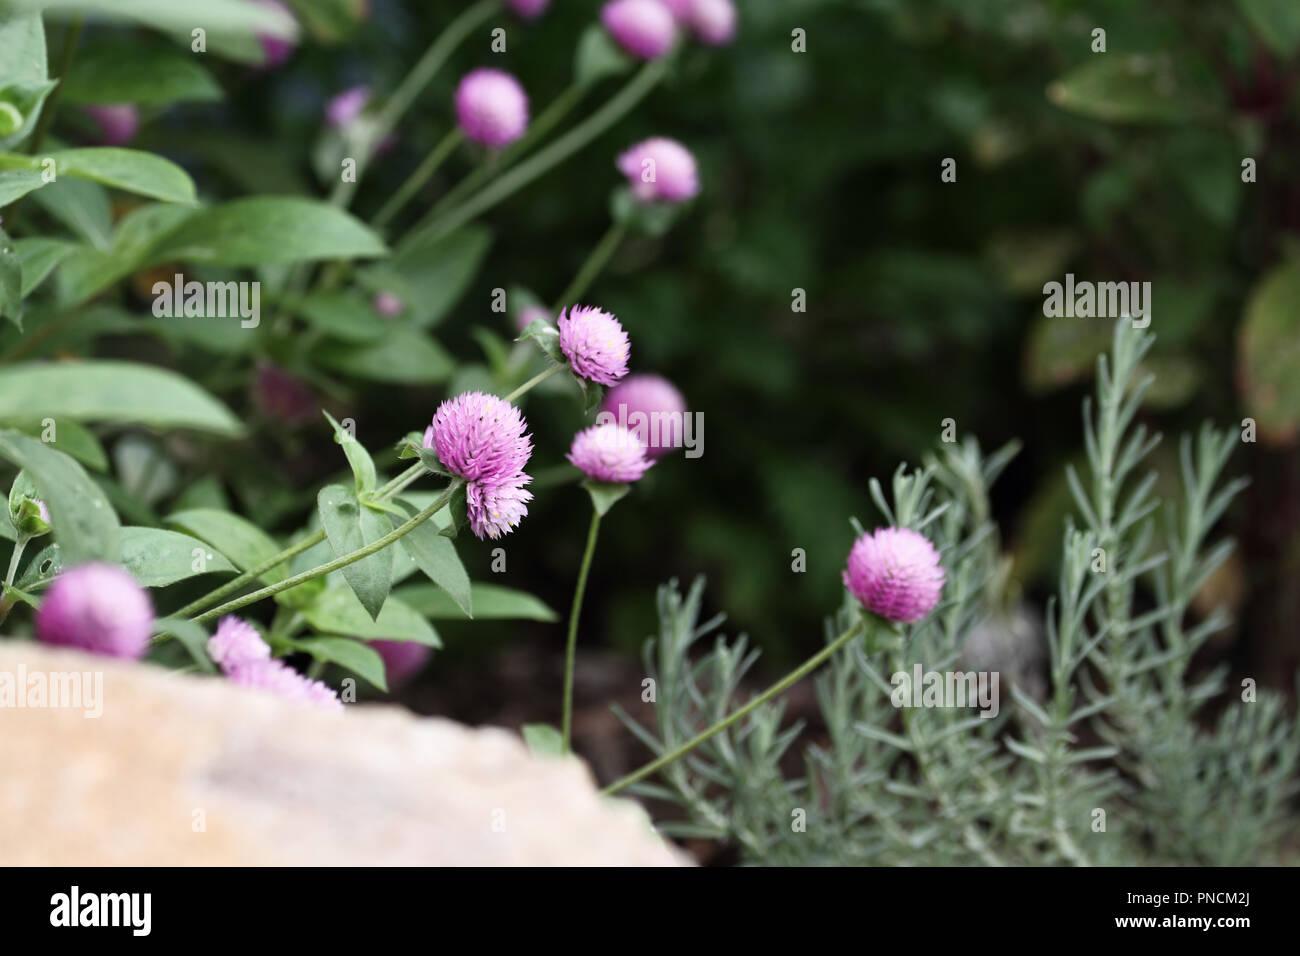 Amaranto a globo o Gomphrena globosa fiori che crescono in un giardino. Estrema profondità di campo con il fuoco selettivo sul fiore nel centro dell'immagine. Immagini Stock